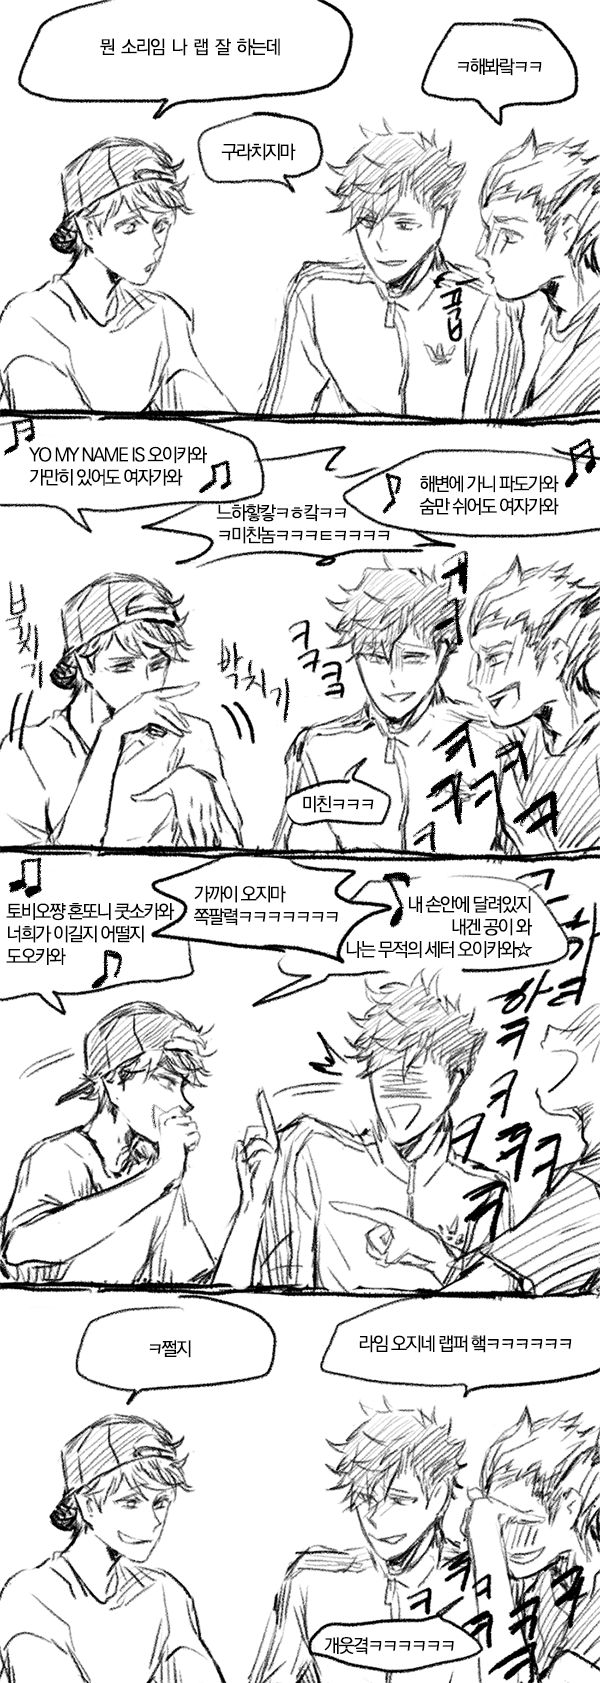 [주장즈] 여자가와 :: 상한 우유 창고(쉰내남)